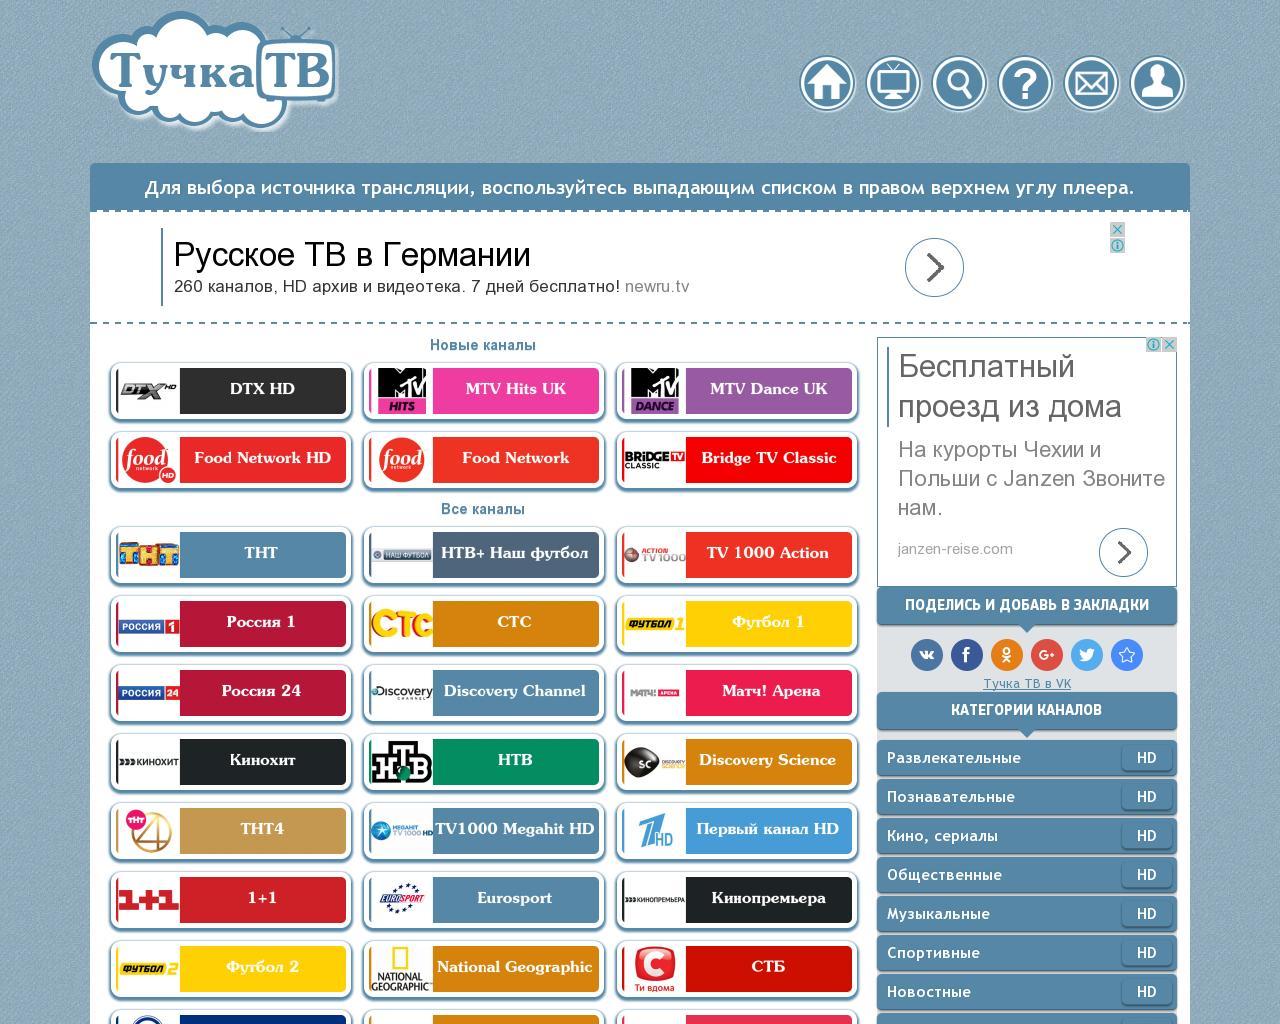 первый канал онлайн казахстан прямой эфир